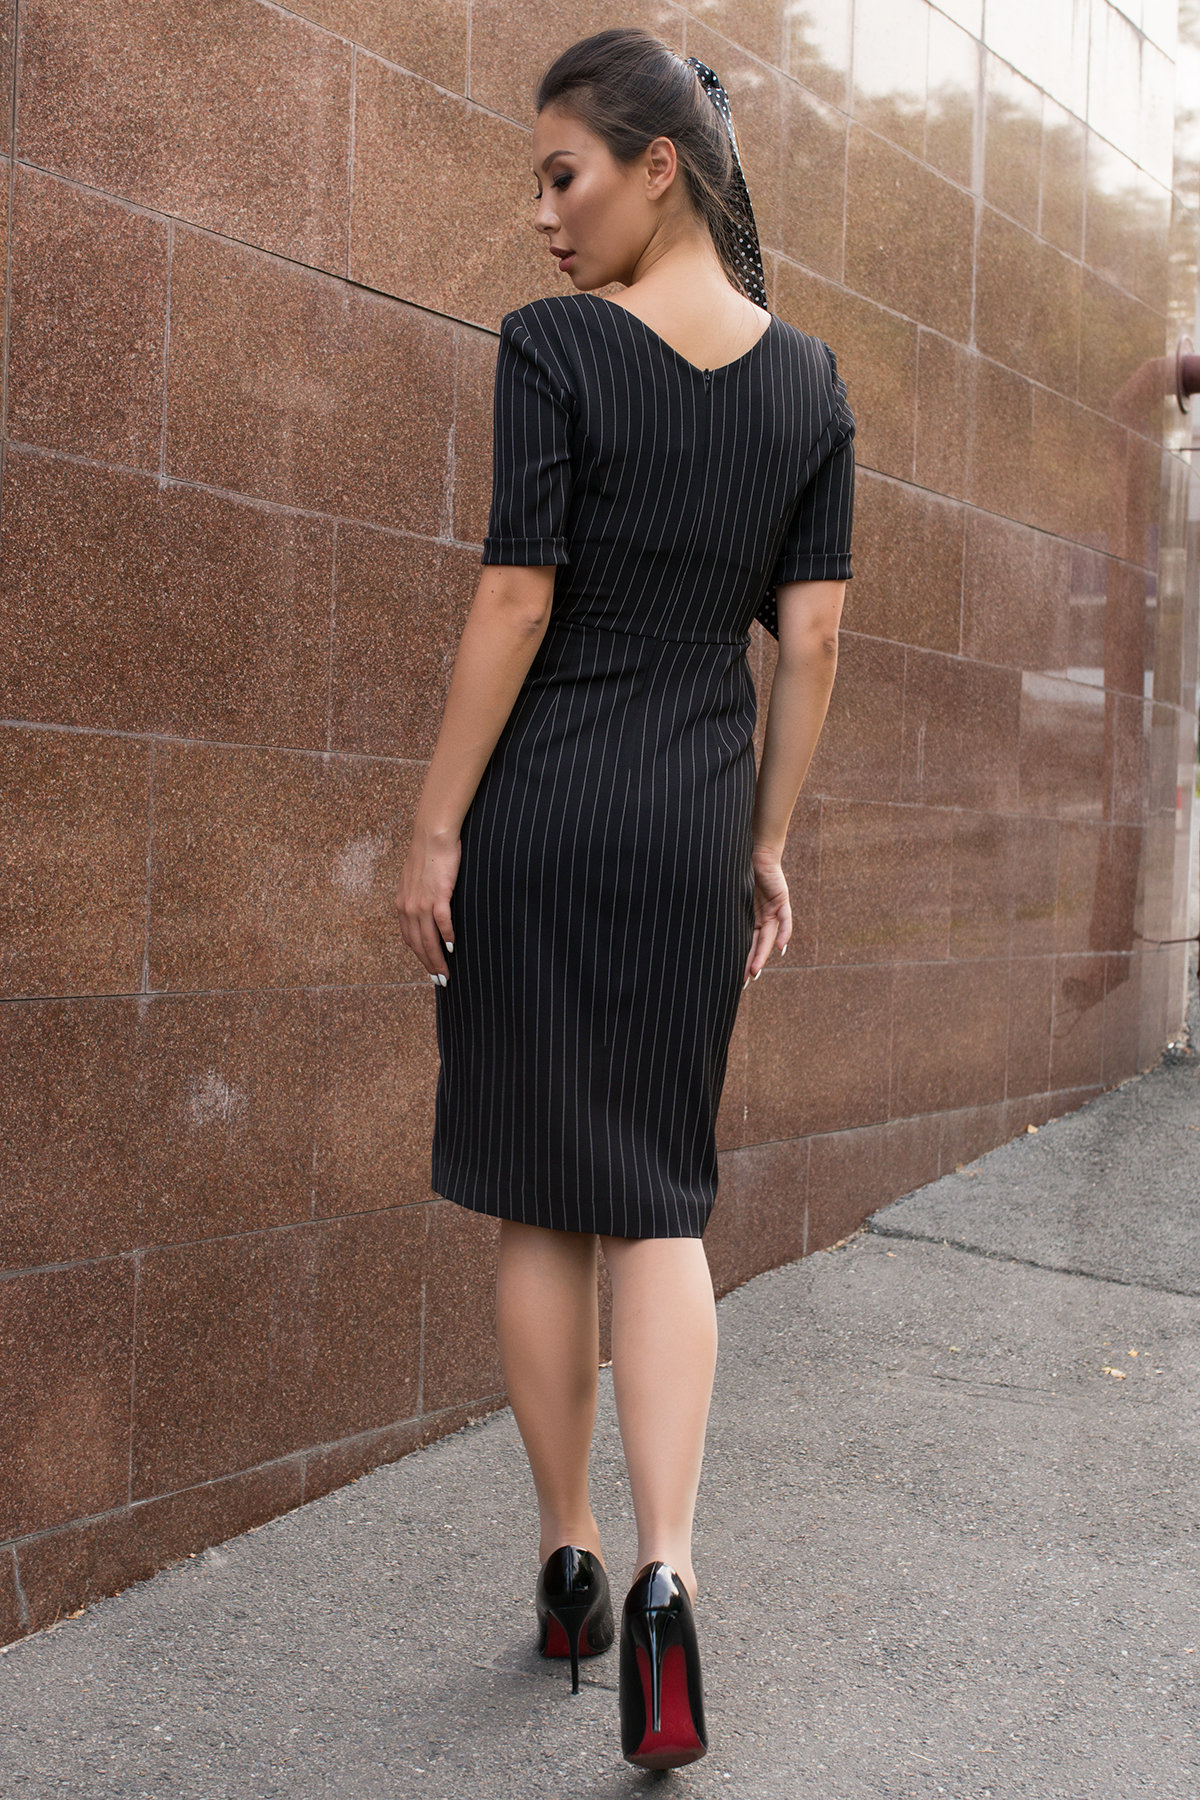 Стильное черное платье в полоску Тетрис 7915 АРТ. 43847 Цвет: Полоска тон чер/бел - фото 2, интернет магазин tm-modus.ru